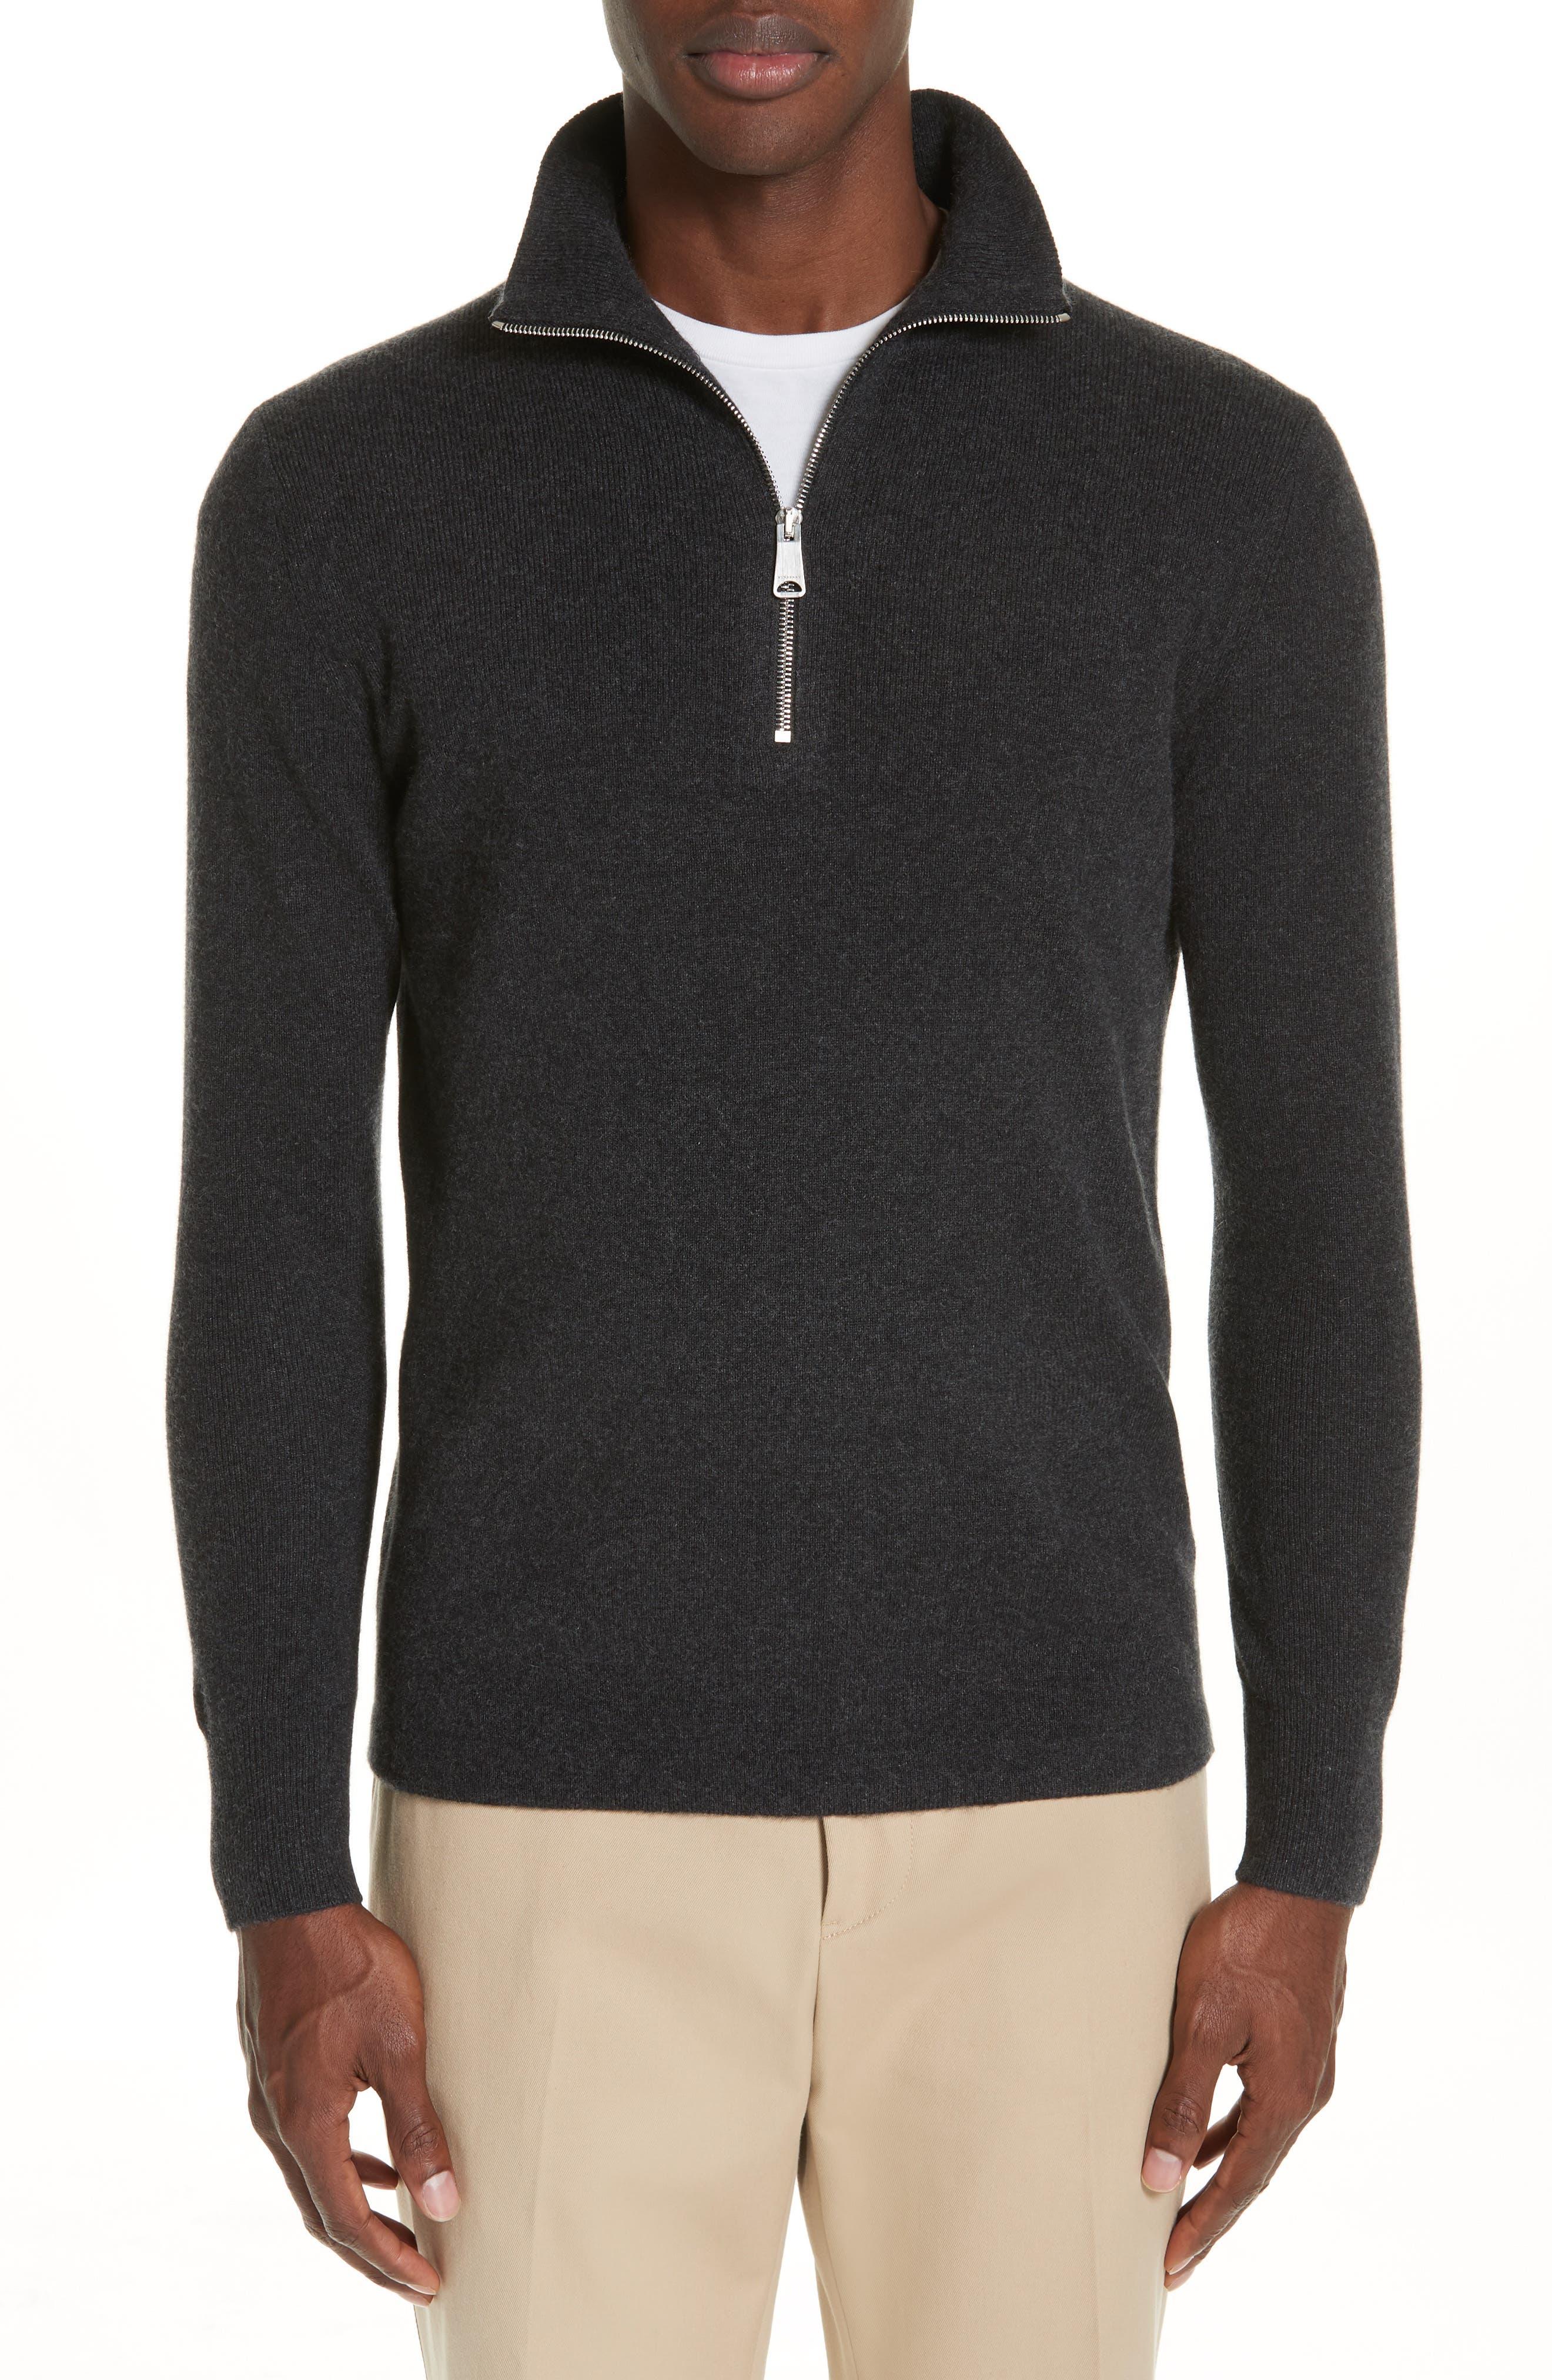 Hendon Quarter Zip Cashmere Sweater,                             Main thumbnail 1, color,                             CHARCOAL MELANGE